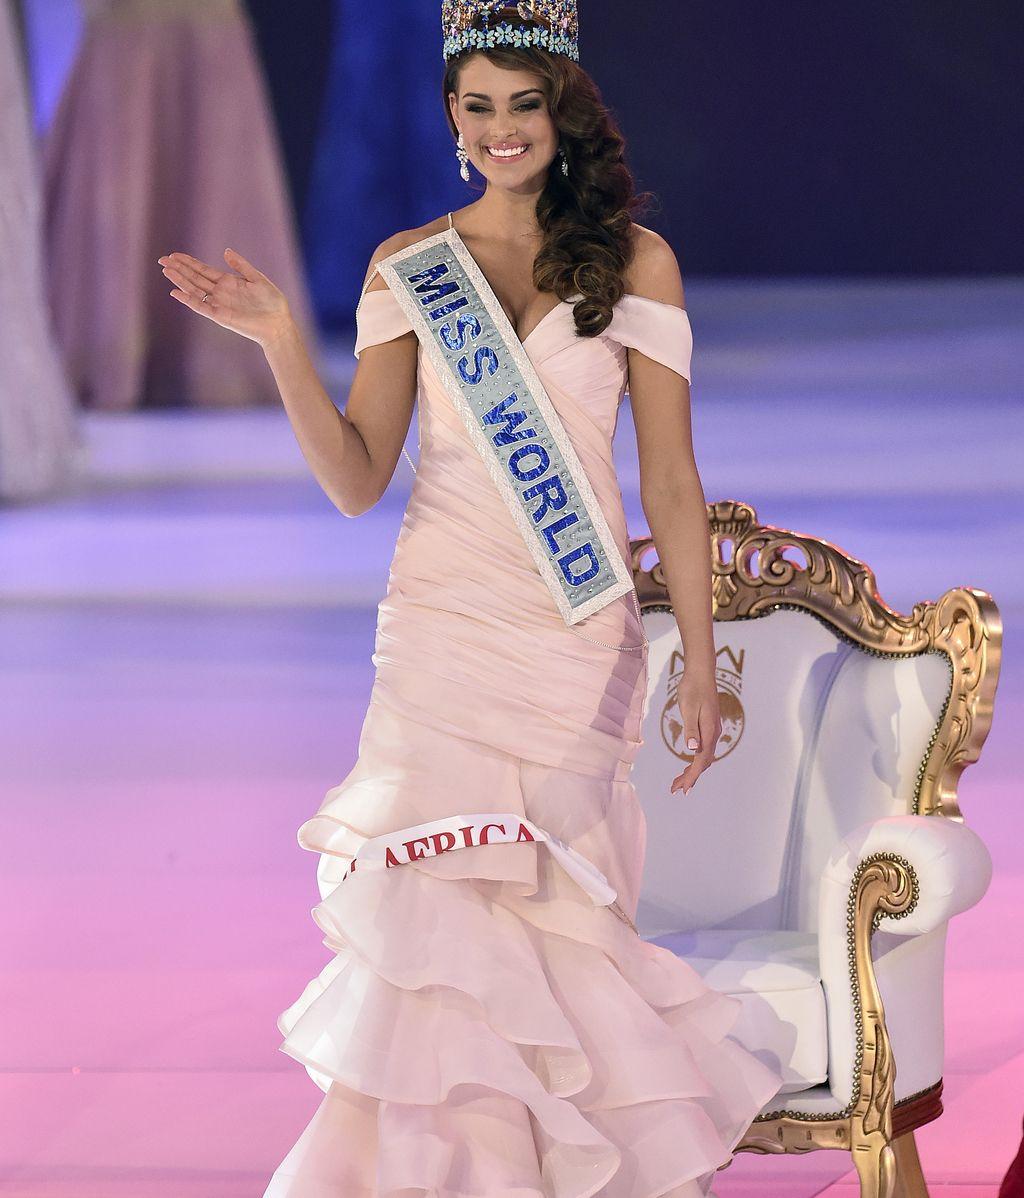 Una estudiante de medicina de 22 años, la nueva Miss Mundo